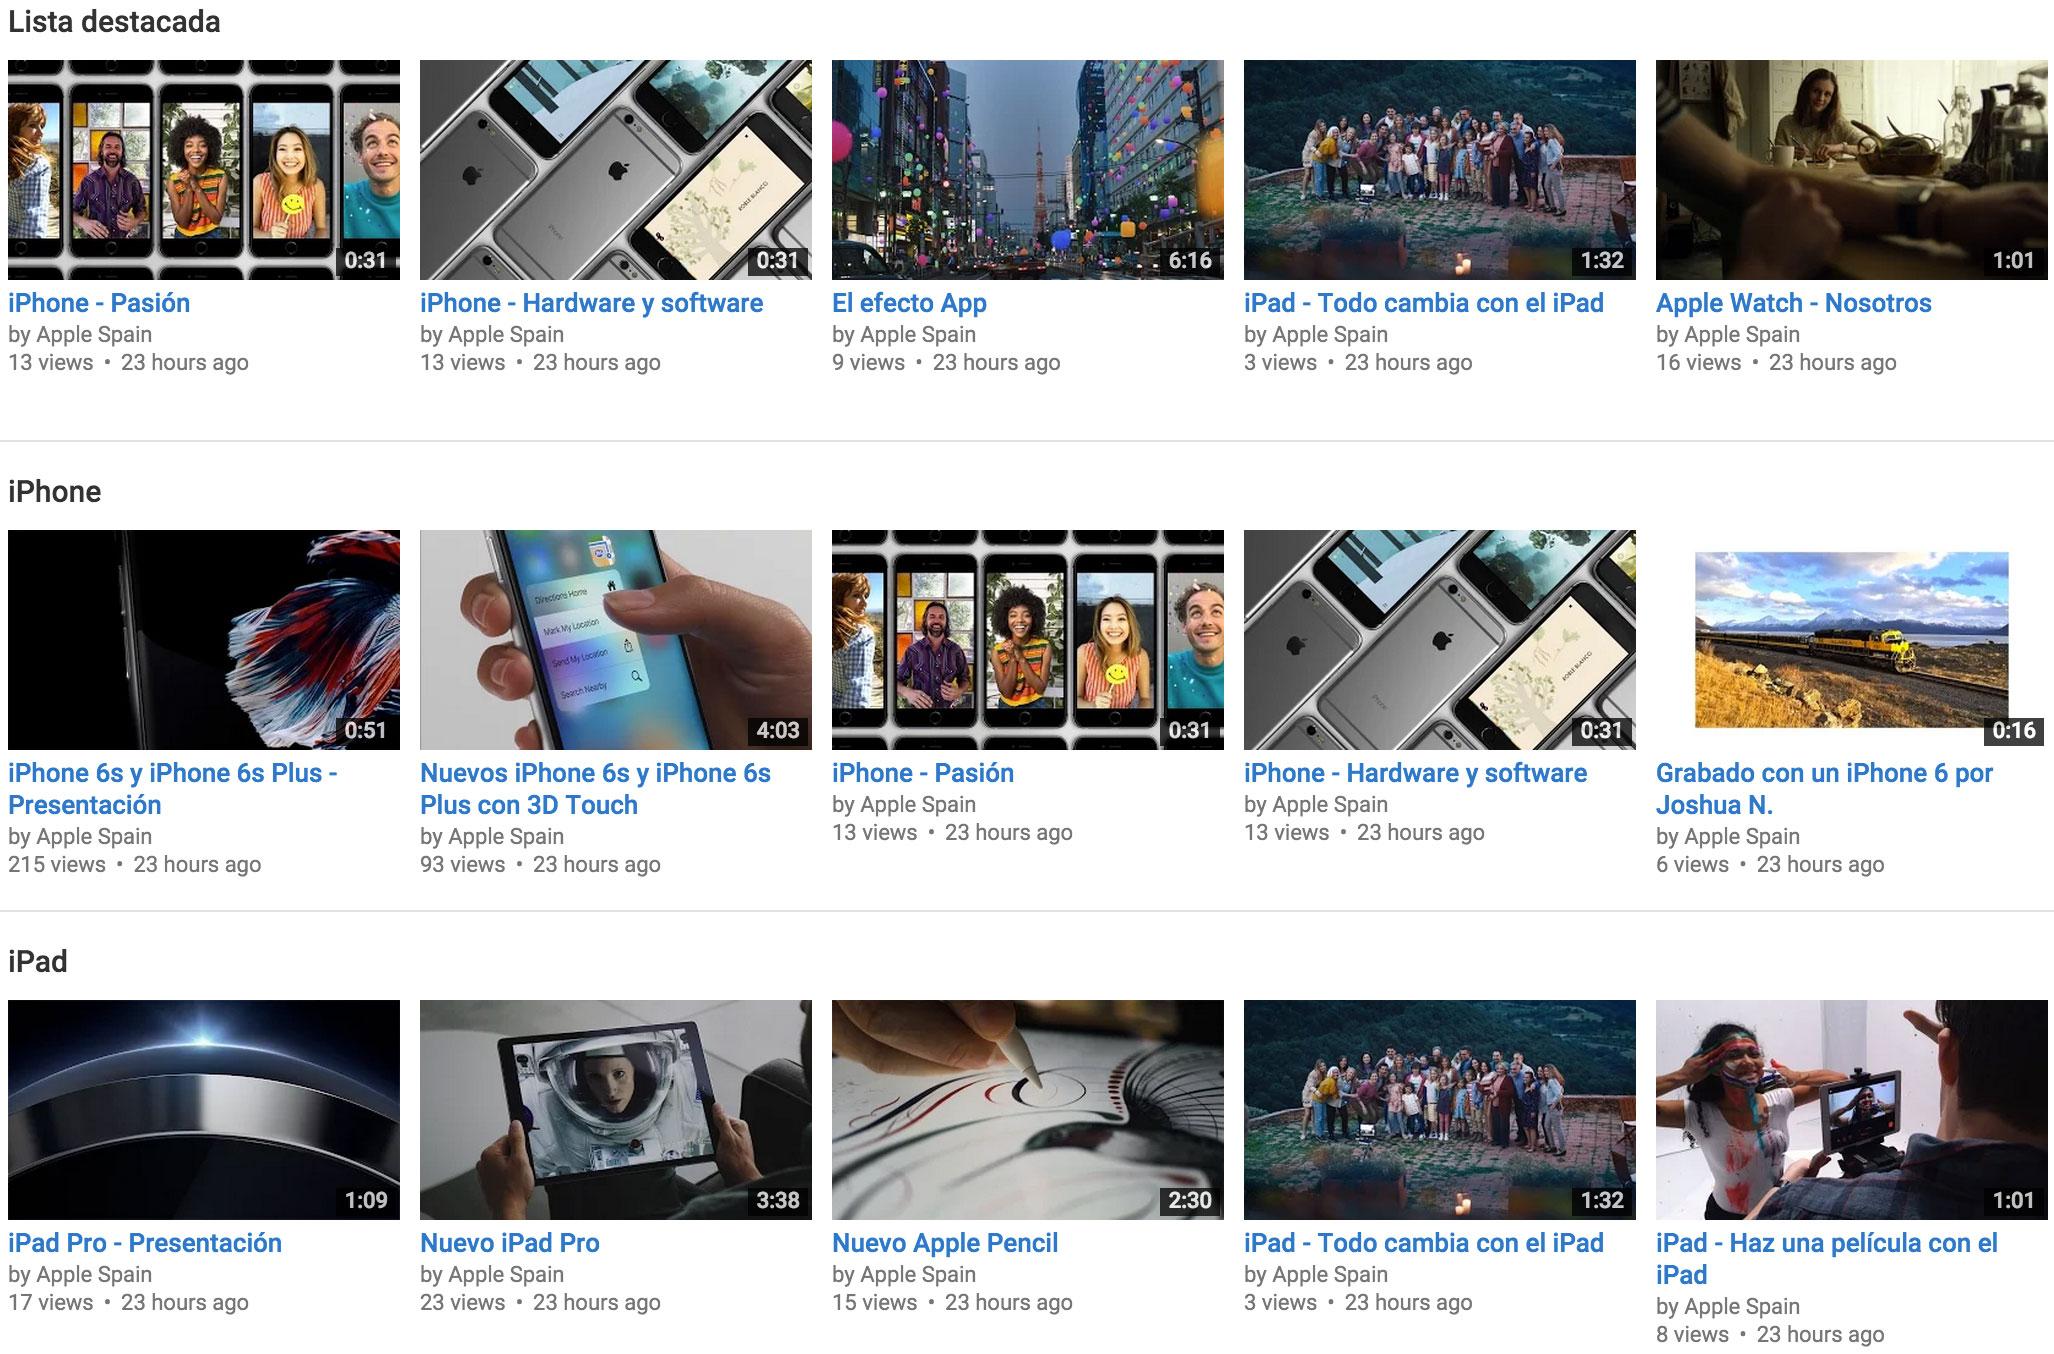 Vídeos de Apple en Español